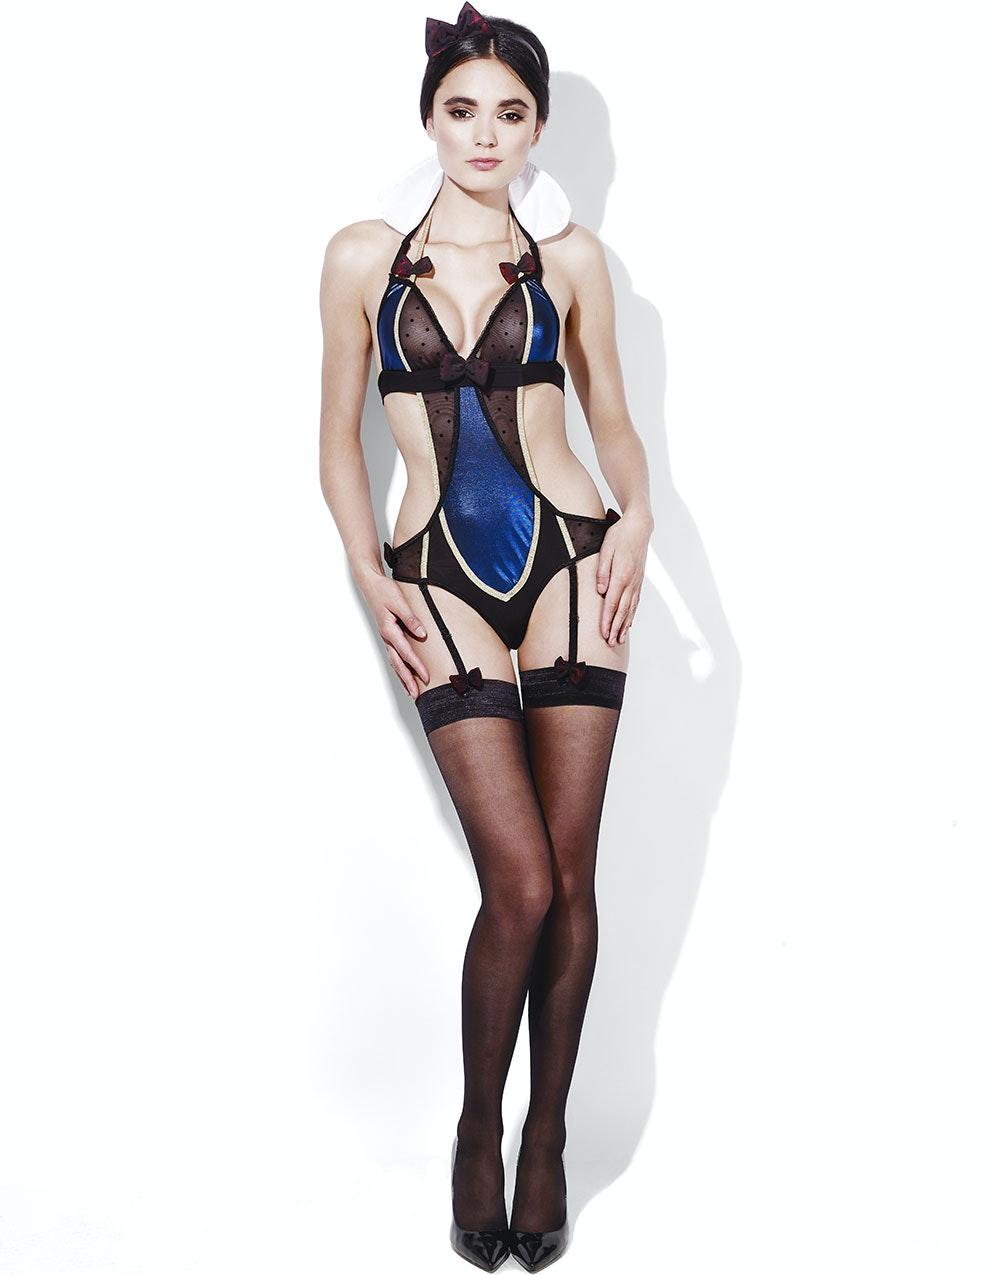 billig sexy undertøy eskorte i tromsø